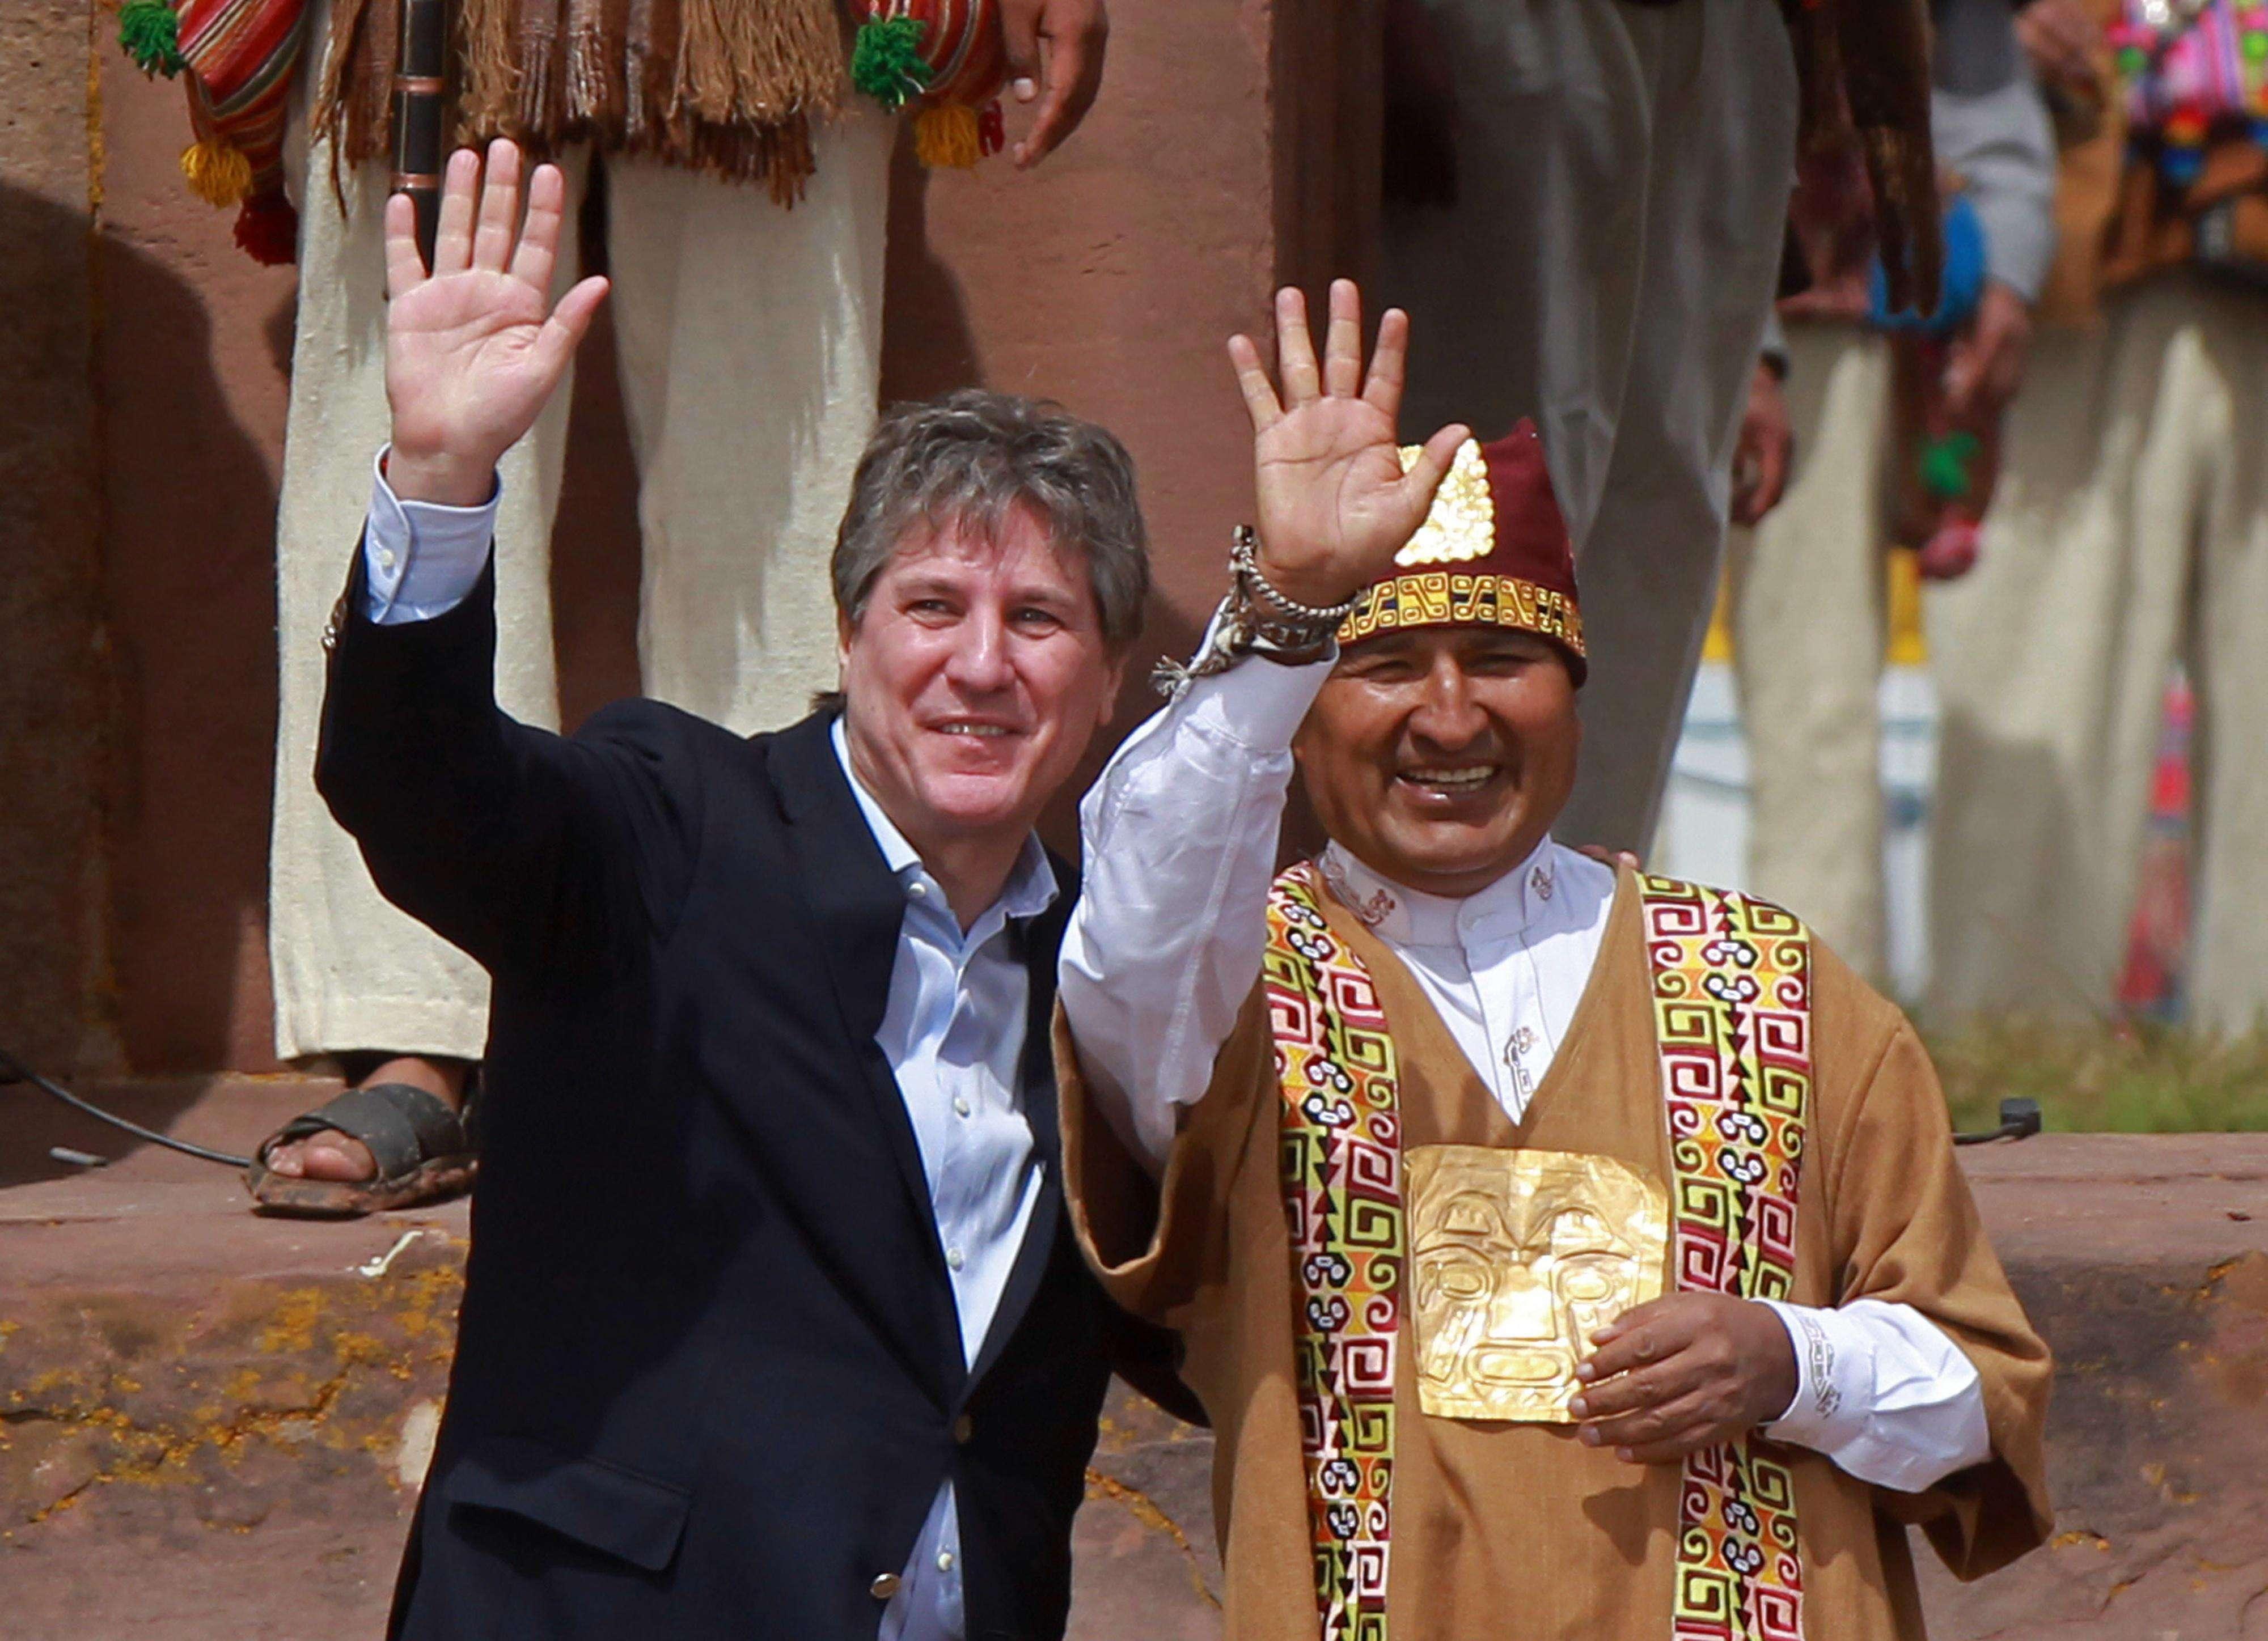 """El vicepresidente Amado Boudou aseguró la Justicia """"va desentrañar"""" lo ocurrido con el fiscal Nisman y que cree que se trata de """"una operación para desgastar al Gobierno"""". Lo hizo en el marco de la asunción de Evo Morales en su nuevo mandato como presidente de Bolivia. Foto: EFE"""